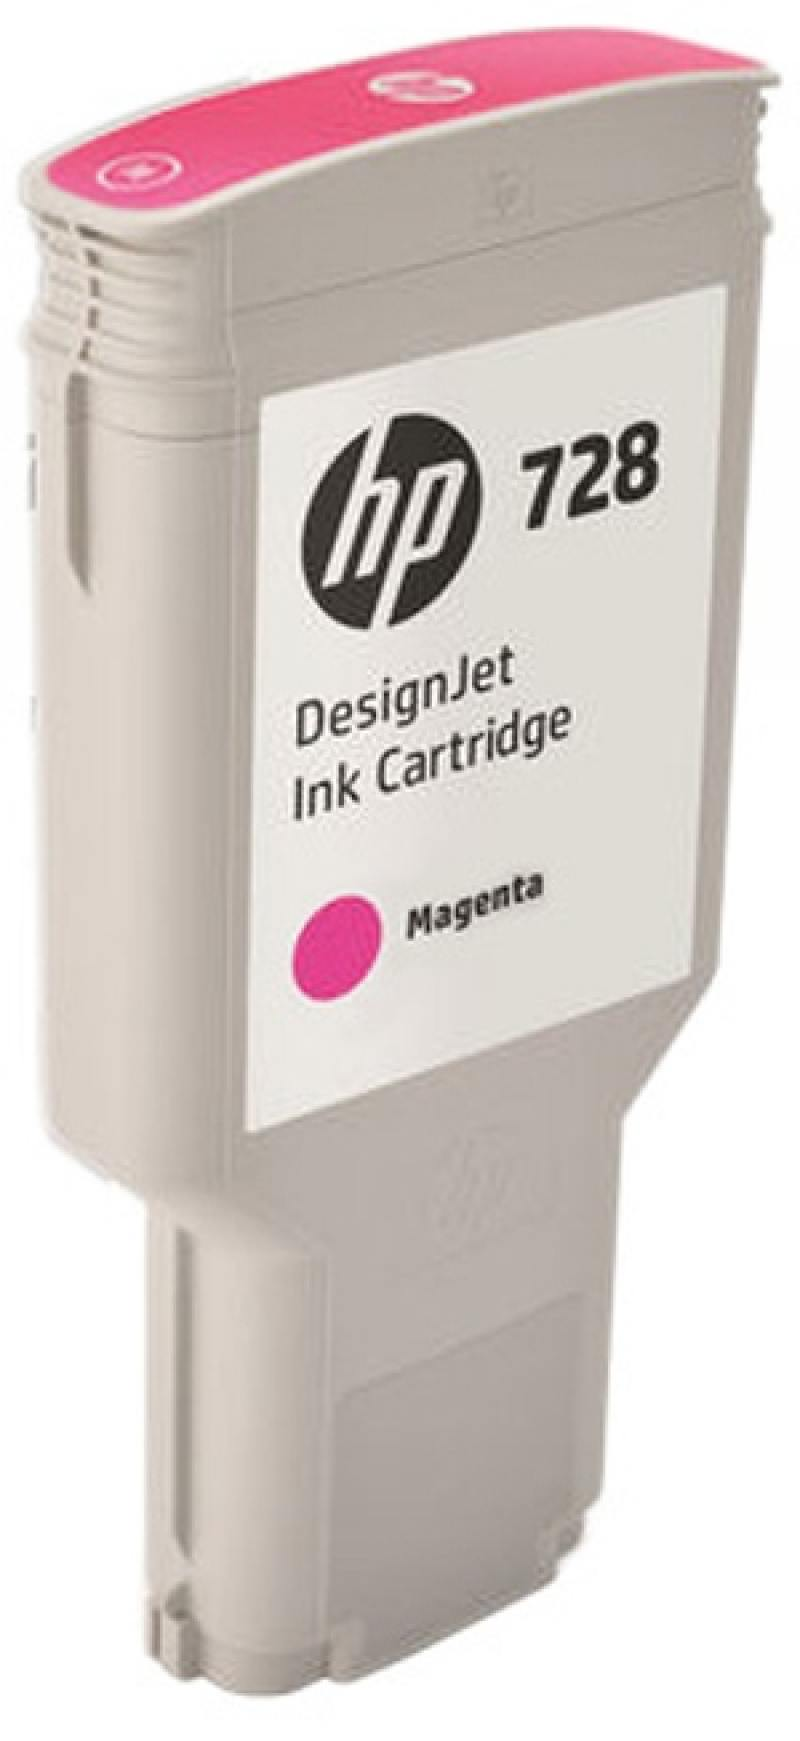 Картридж HP F9K16A (HP 728) для DesignJet T730, T830. Пурпурный. 300 мл. davines освежающий бальзам после солнца для тела с экстрактом перечной мяты 150 мл